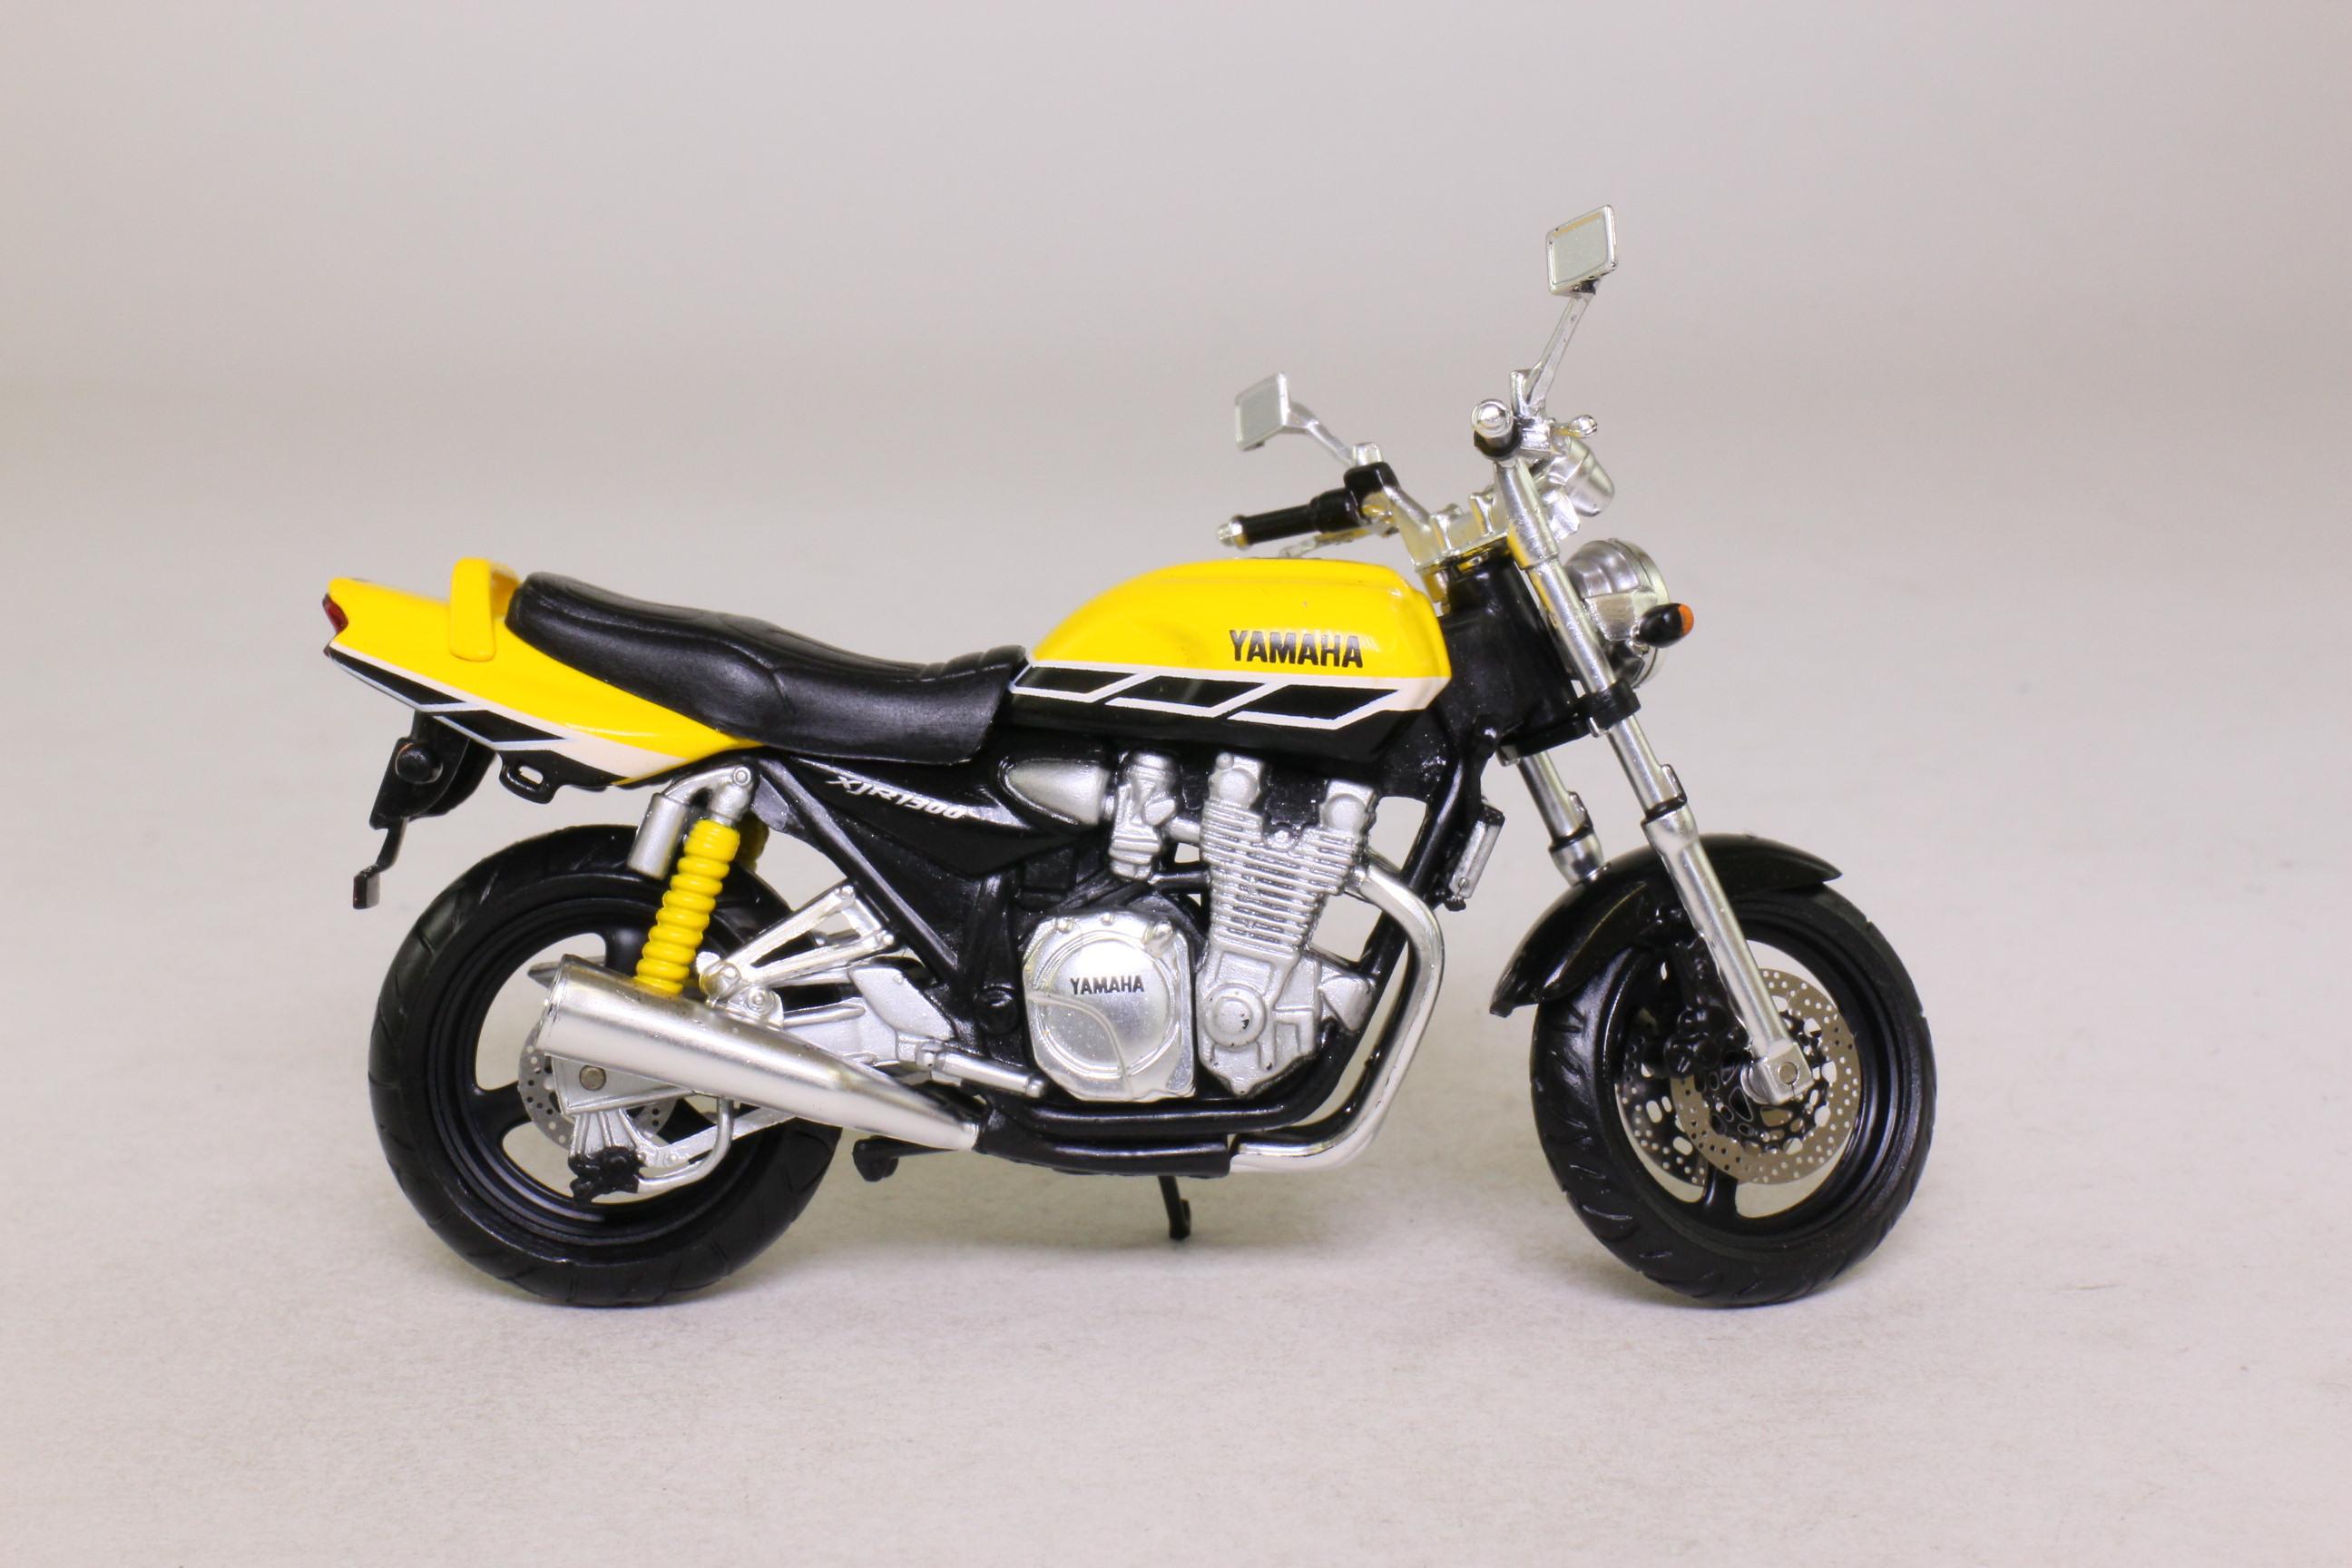 Ixo 1 24 scale yamaha xjr 1300 motorcycle yellow black for Yamaha 1300 motorcycle